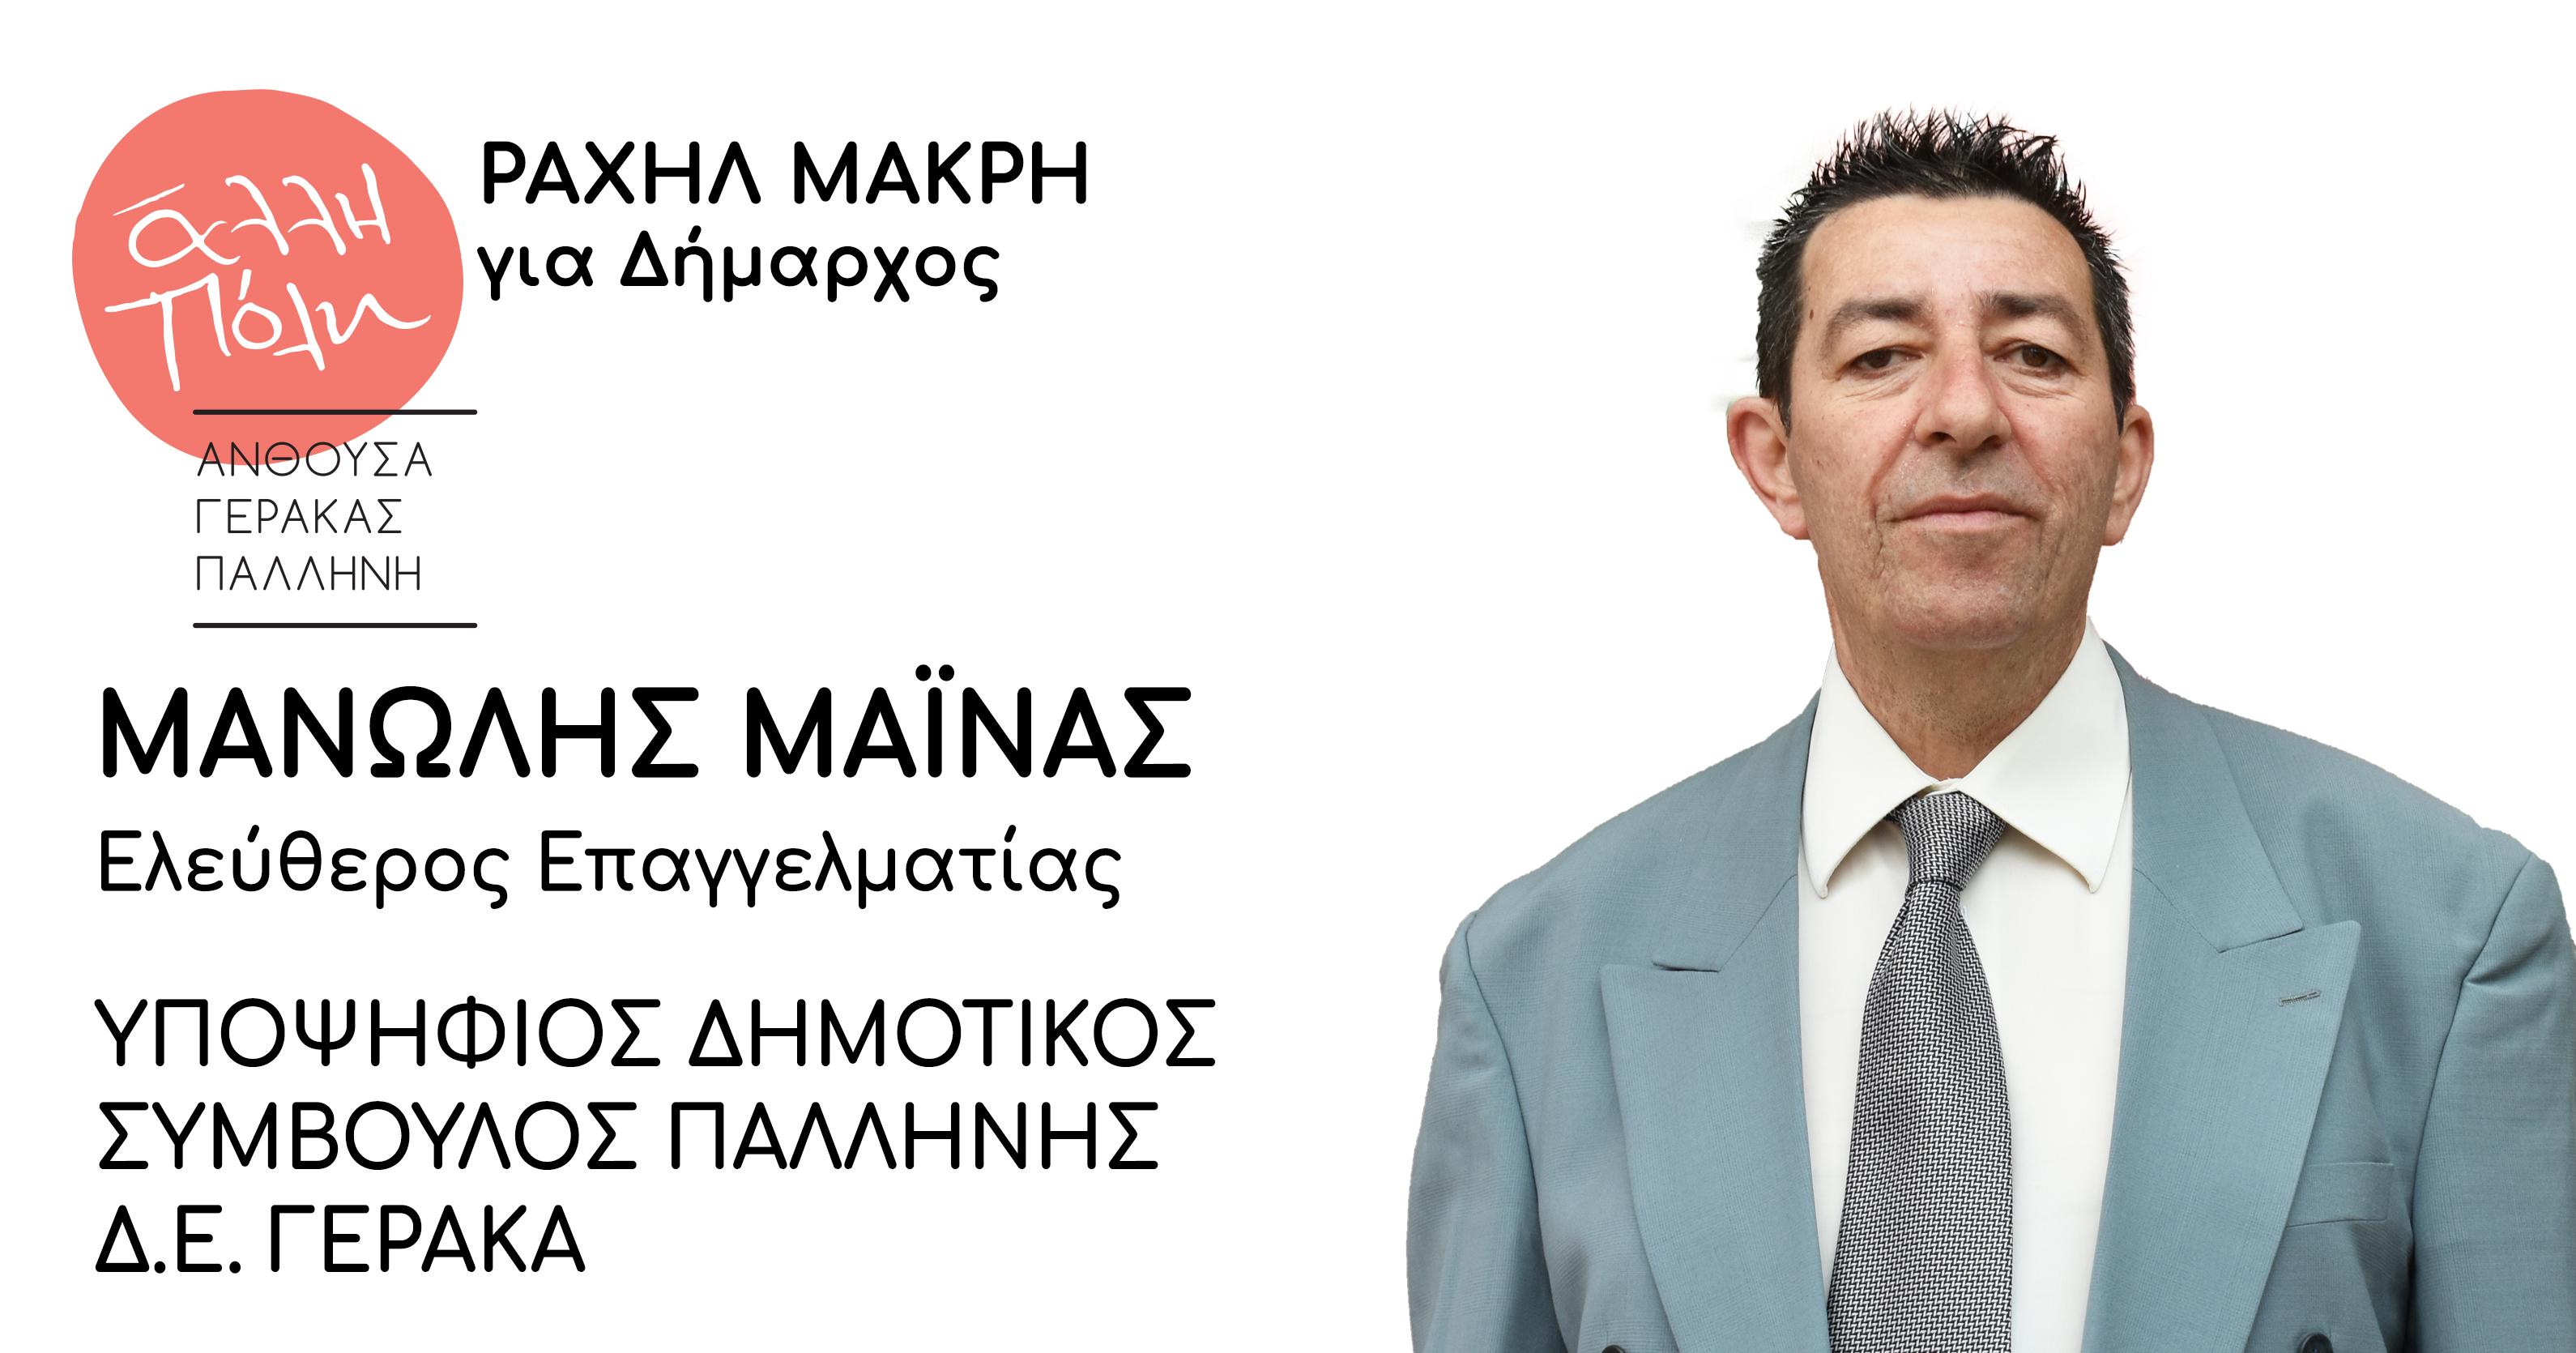 Υποψήφιος Δημοτικός Σύμβουλος – Μανώλης Μάινας